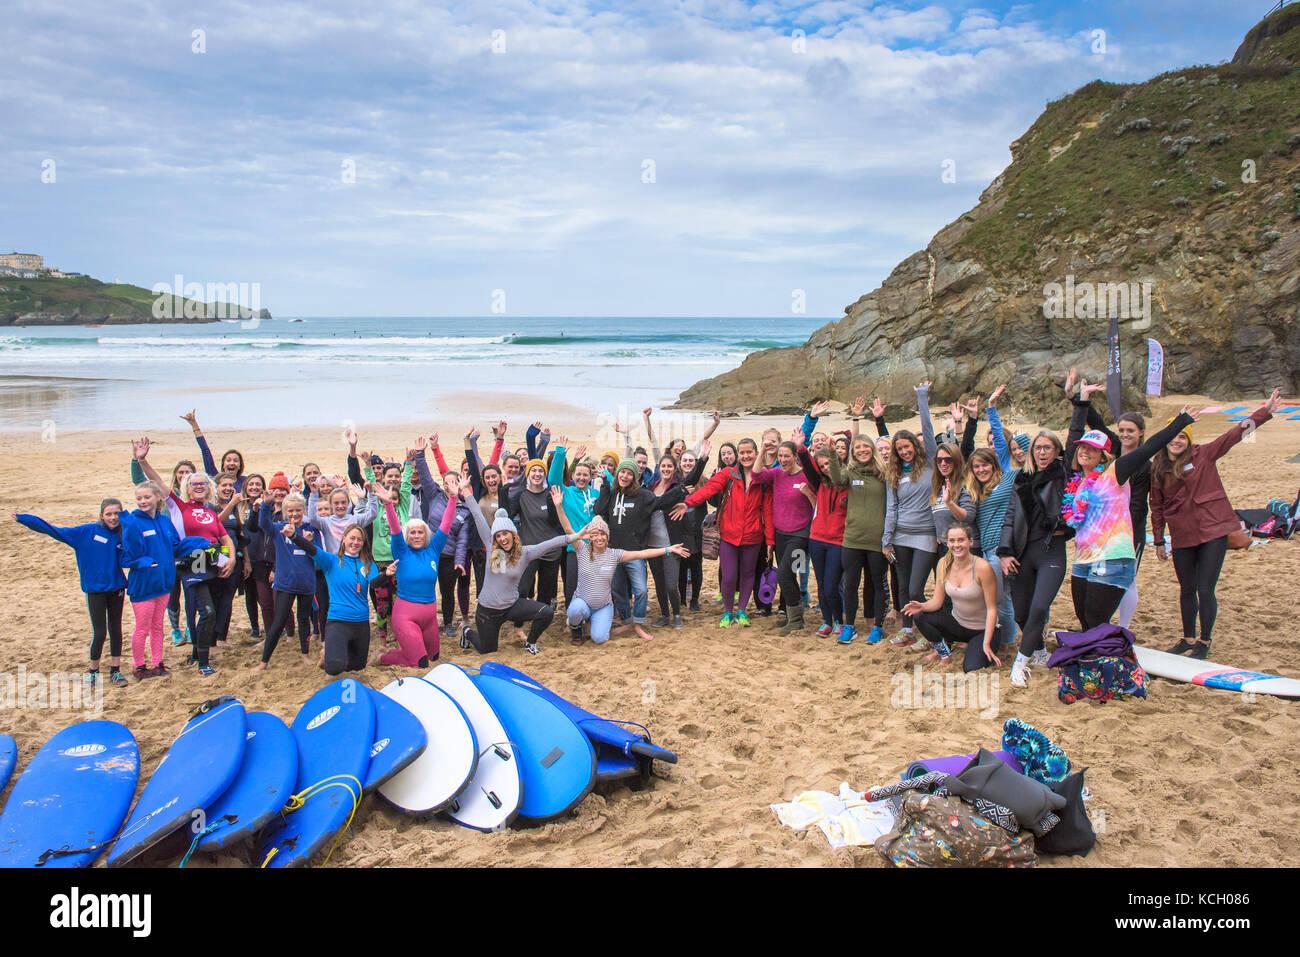 Surf Betty's Festival - ein Festival in Newquay bevollmächtigen und inspirierenden Frauen durch Surfen Stockbild